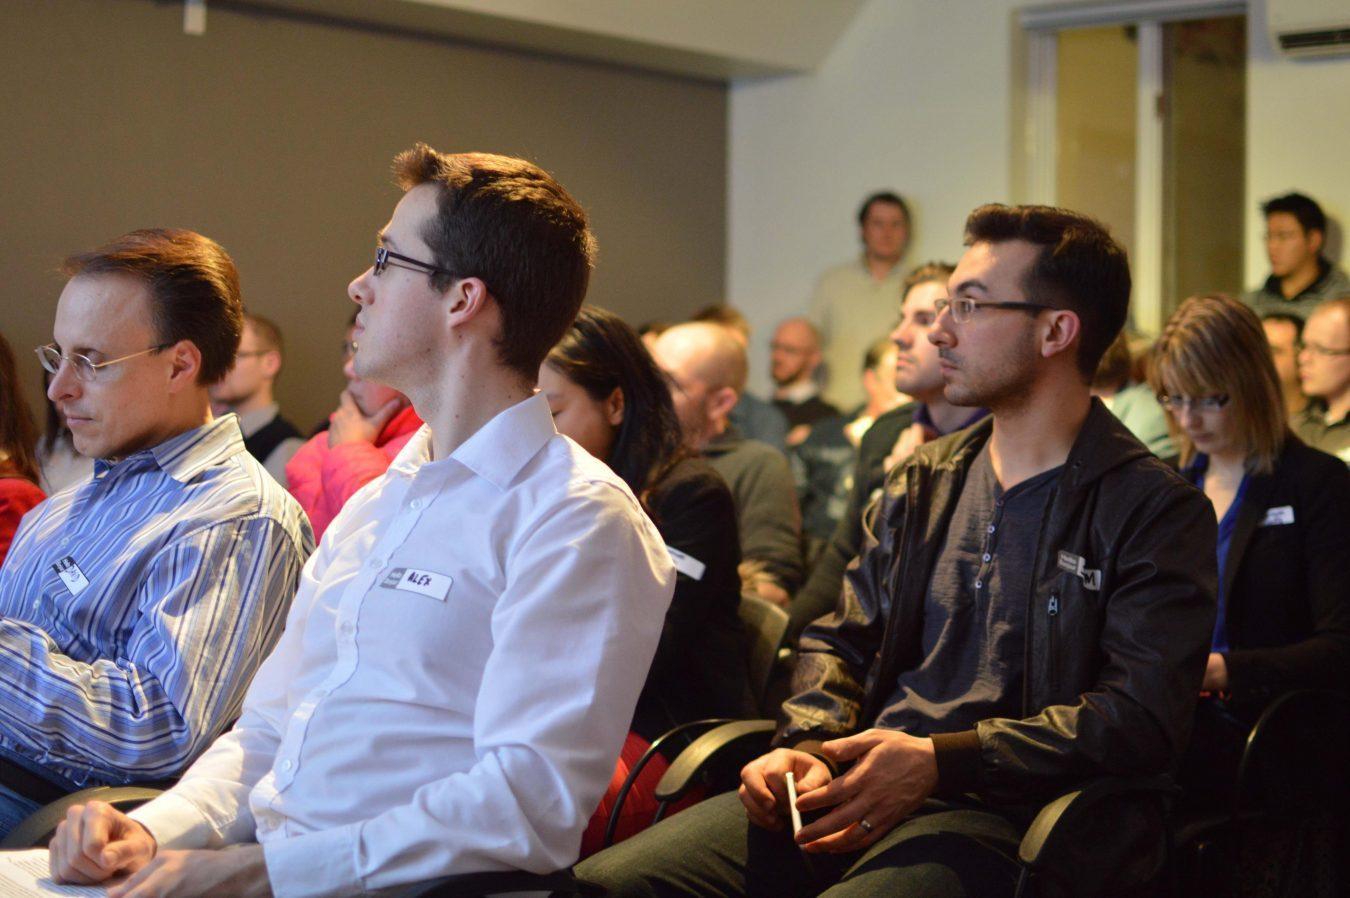 Inbound Marketing Toronto meetup on social media marketing